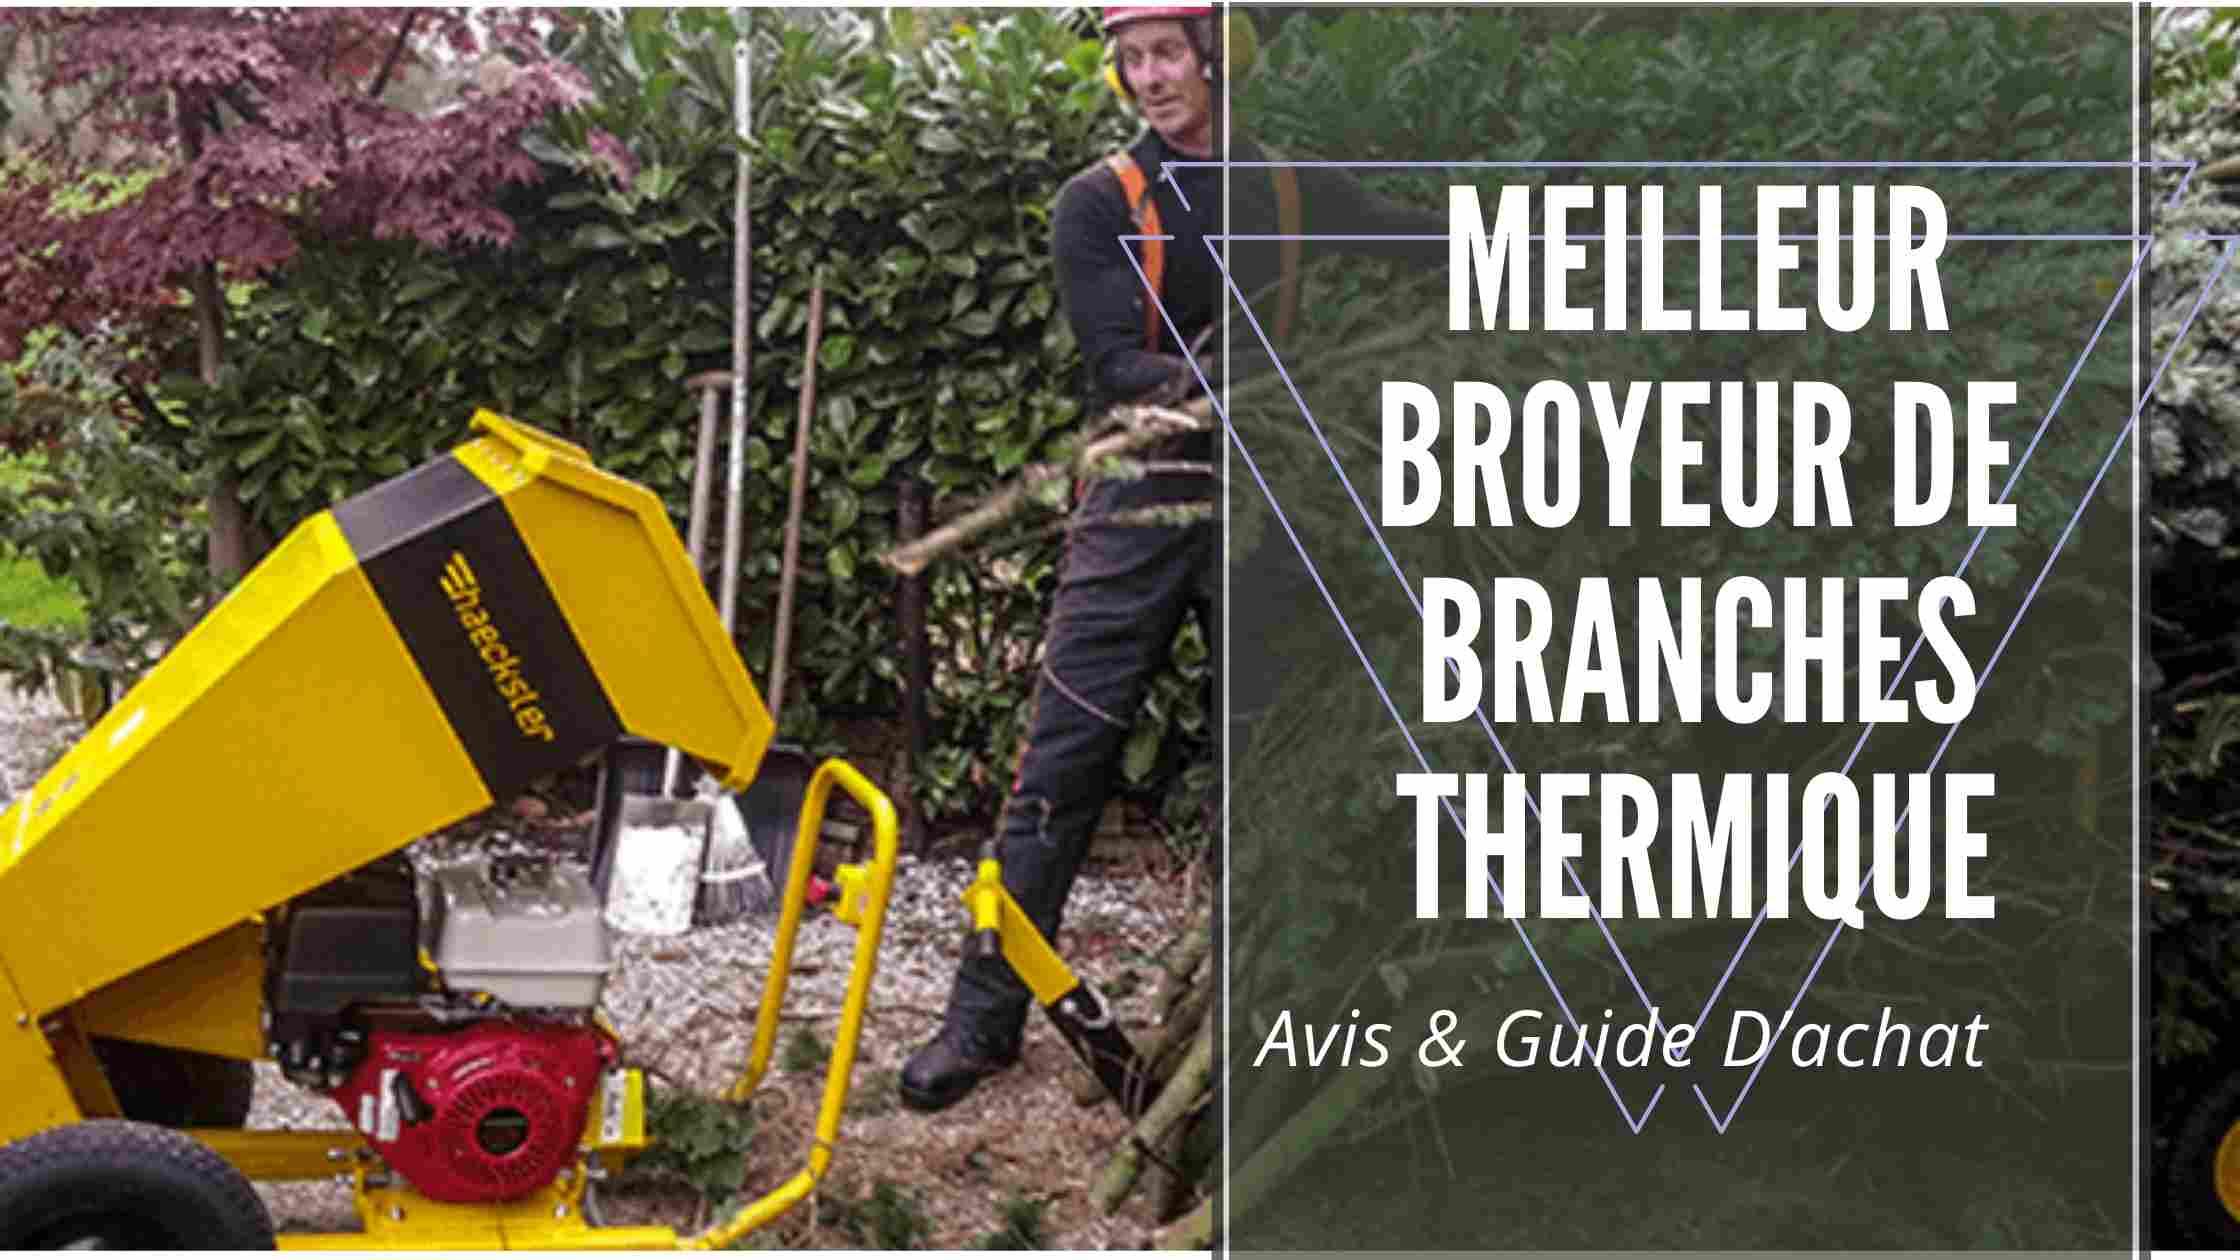 Meilleur Broyeur De Branches Thermique